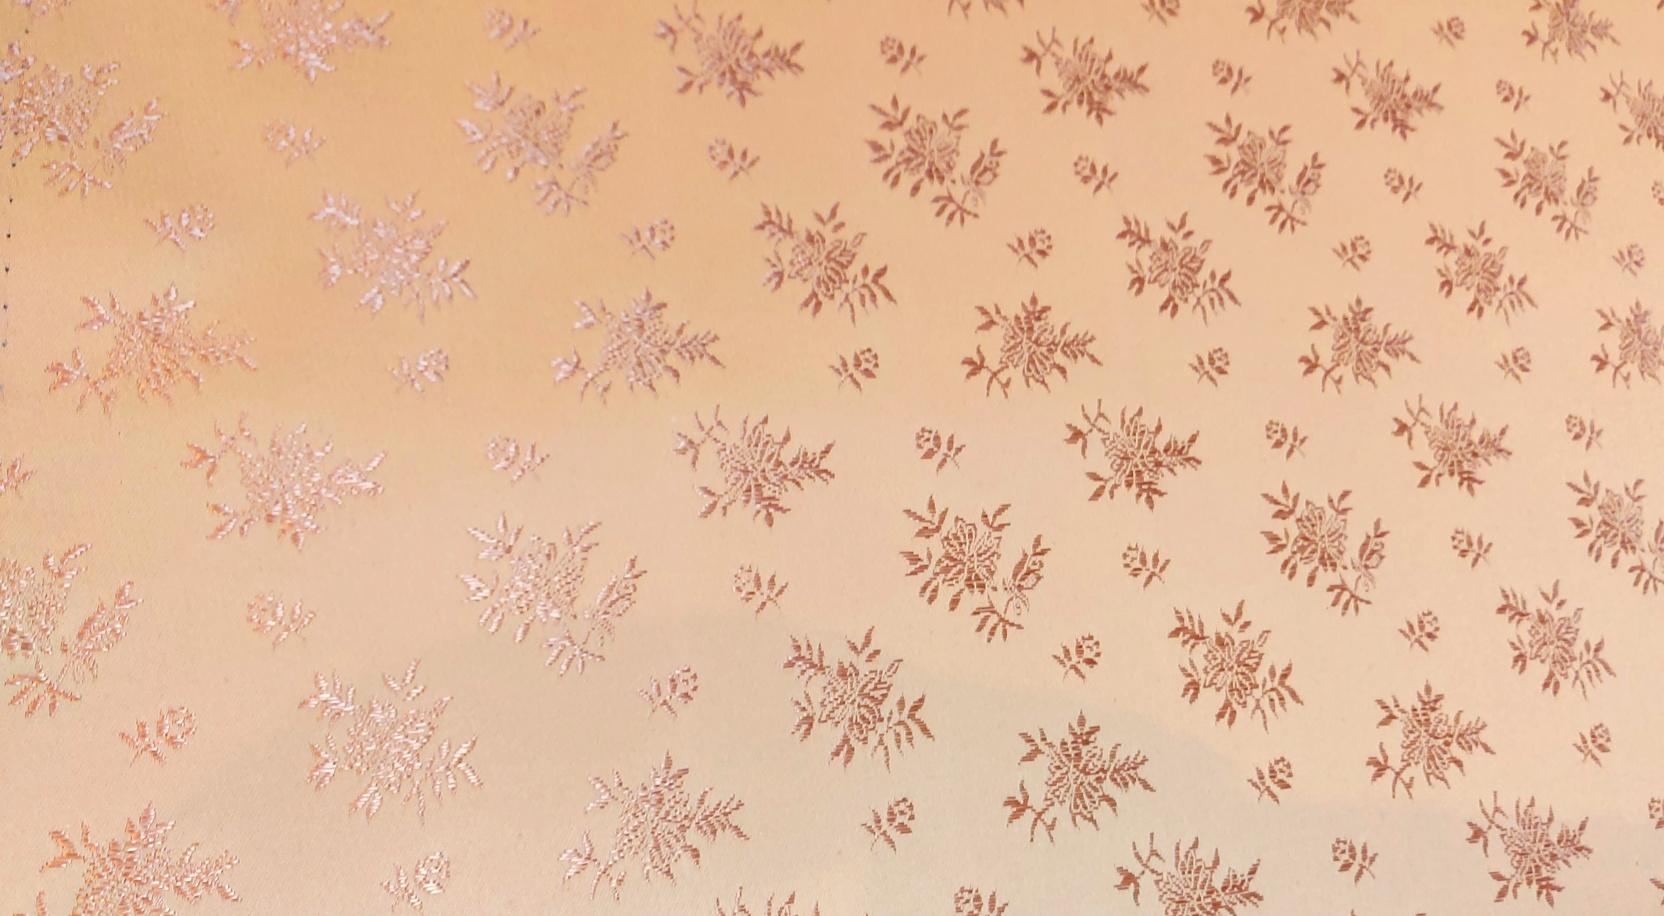 Coutil Brocade Pink/Beige Floral